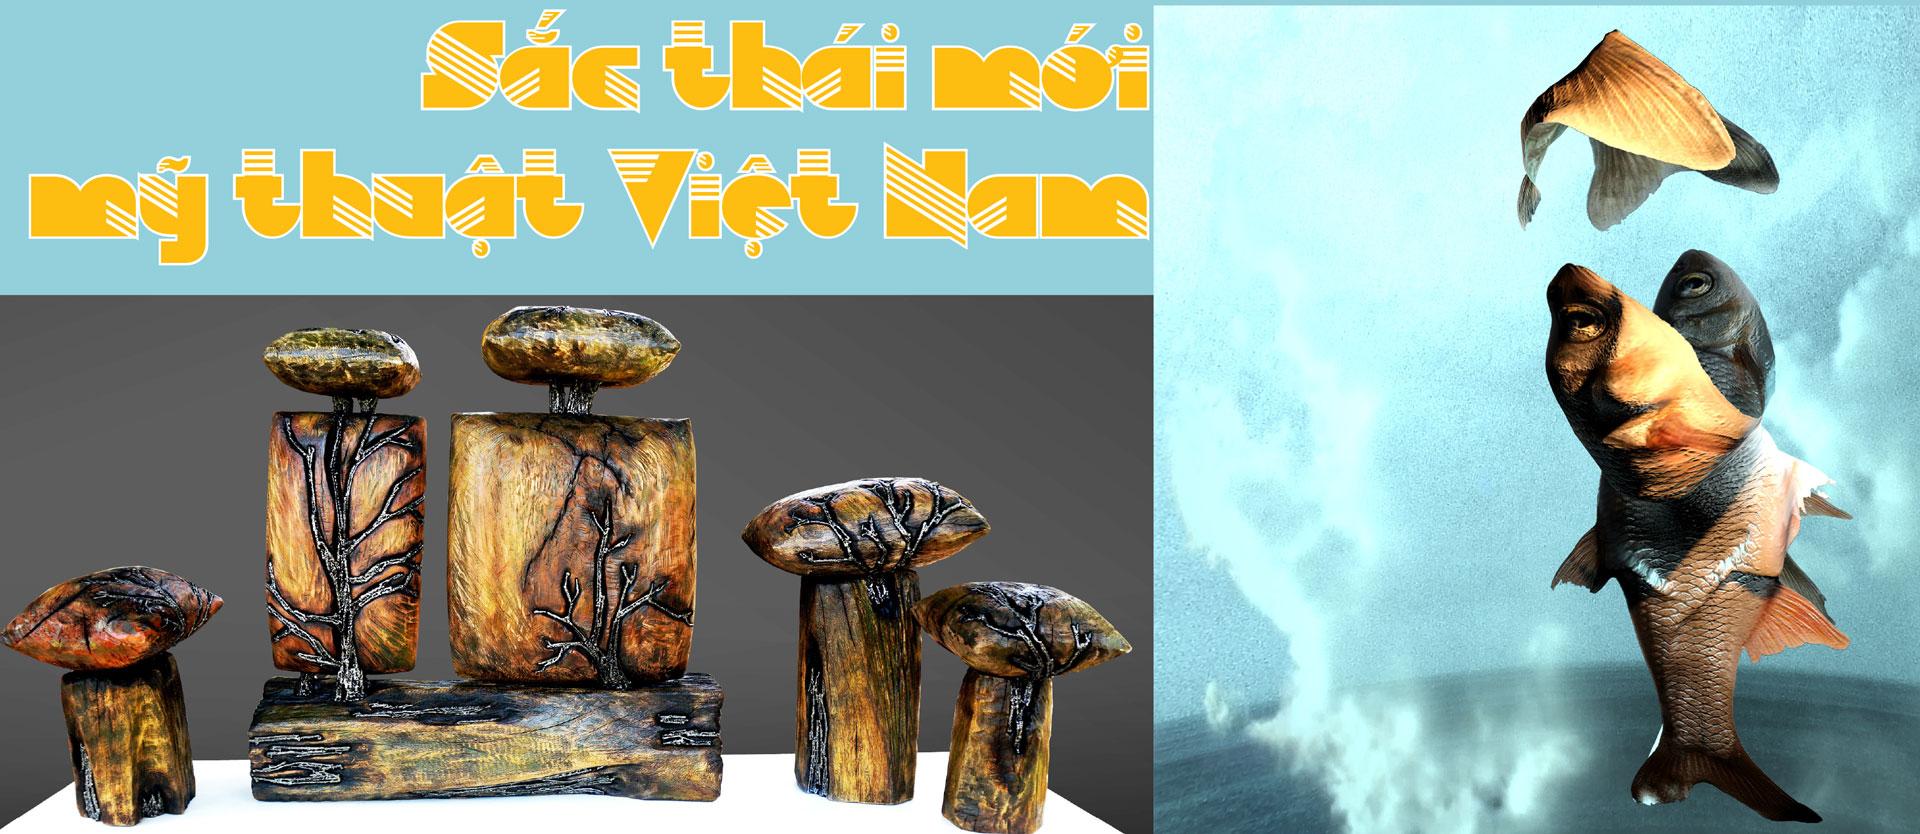 Sắc thái mới mỹ thuật Việt Nam